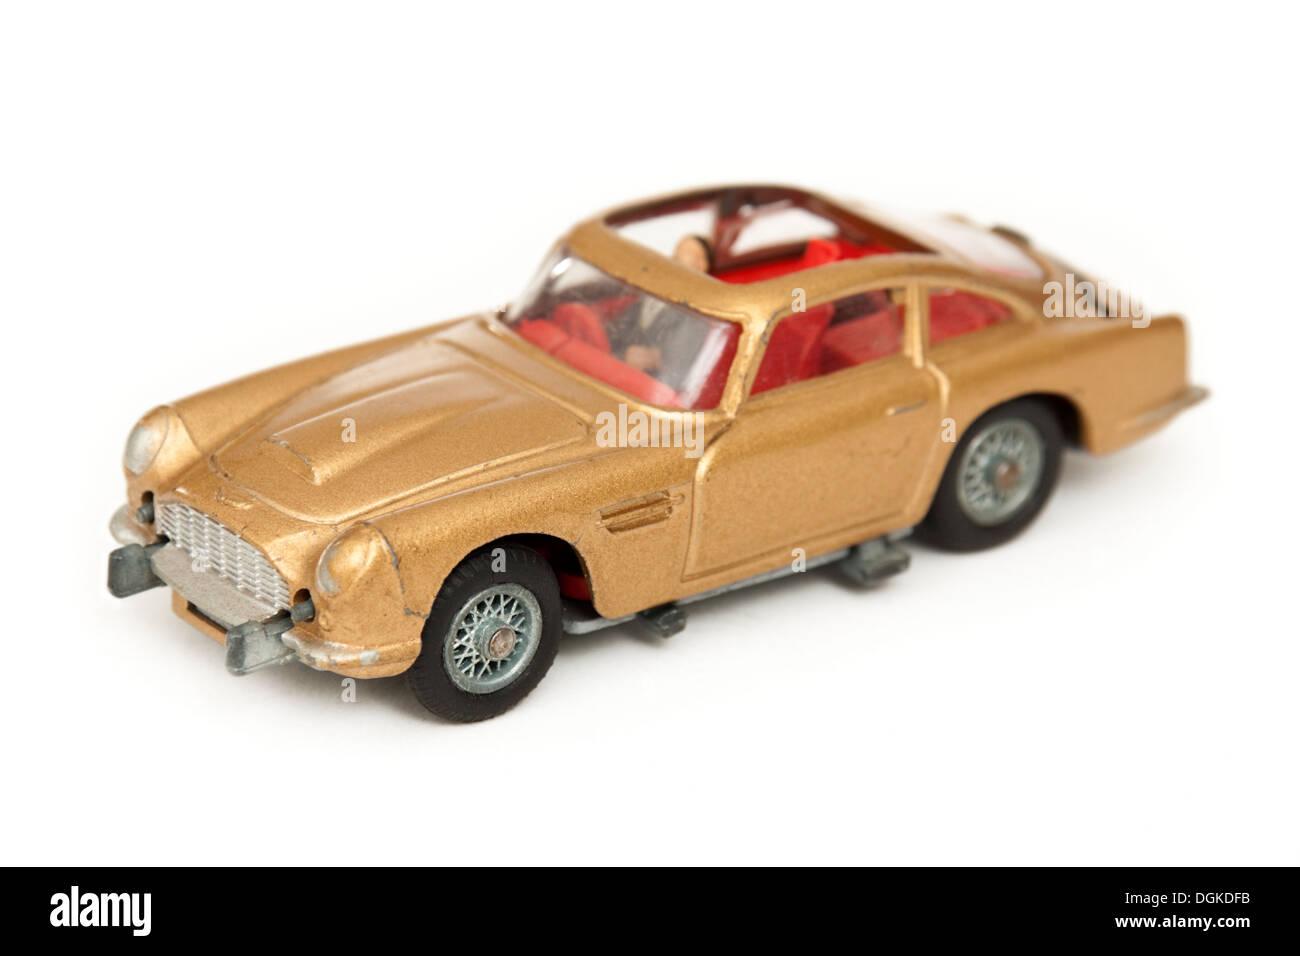 James Bond 007 Aston Martin Db5 Replik Von Corgi Toys Stockfotografie Alamy